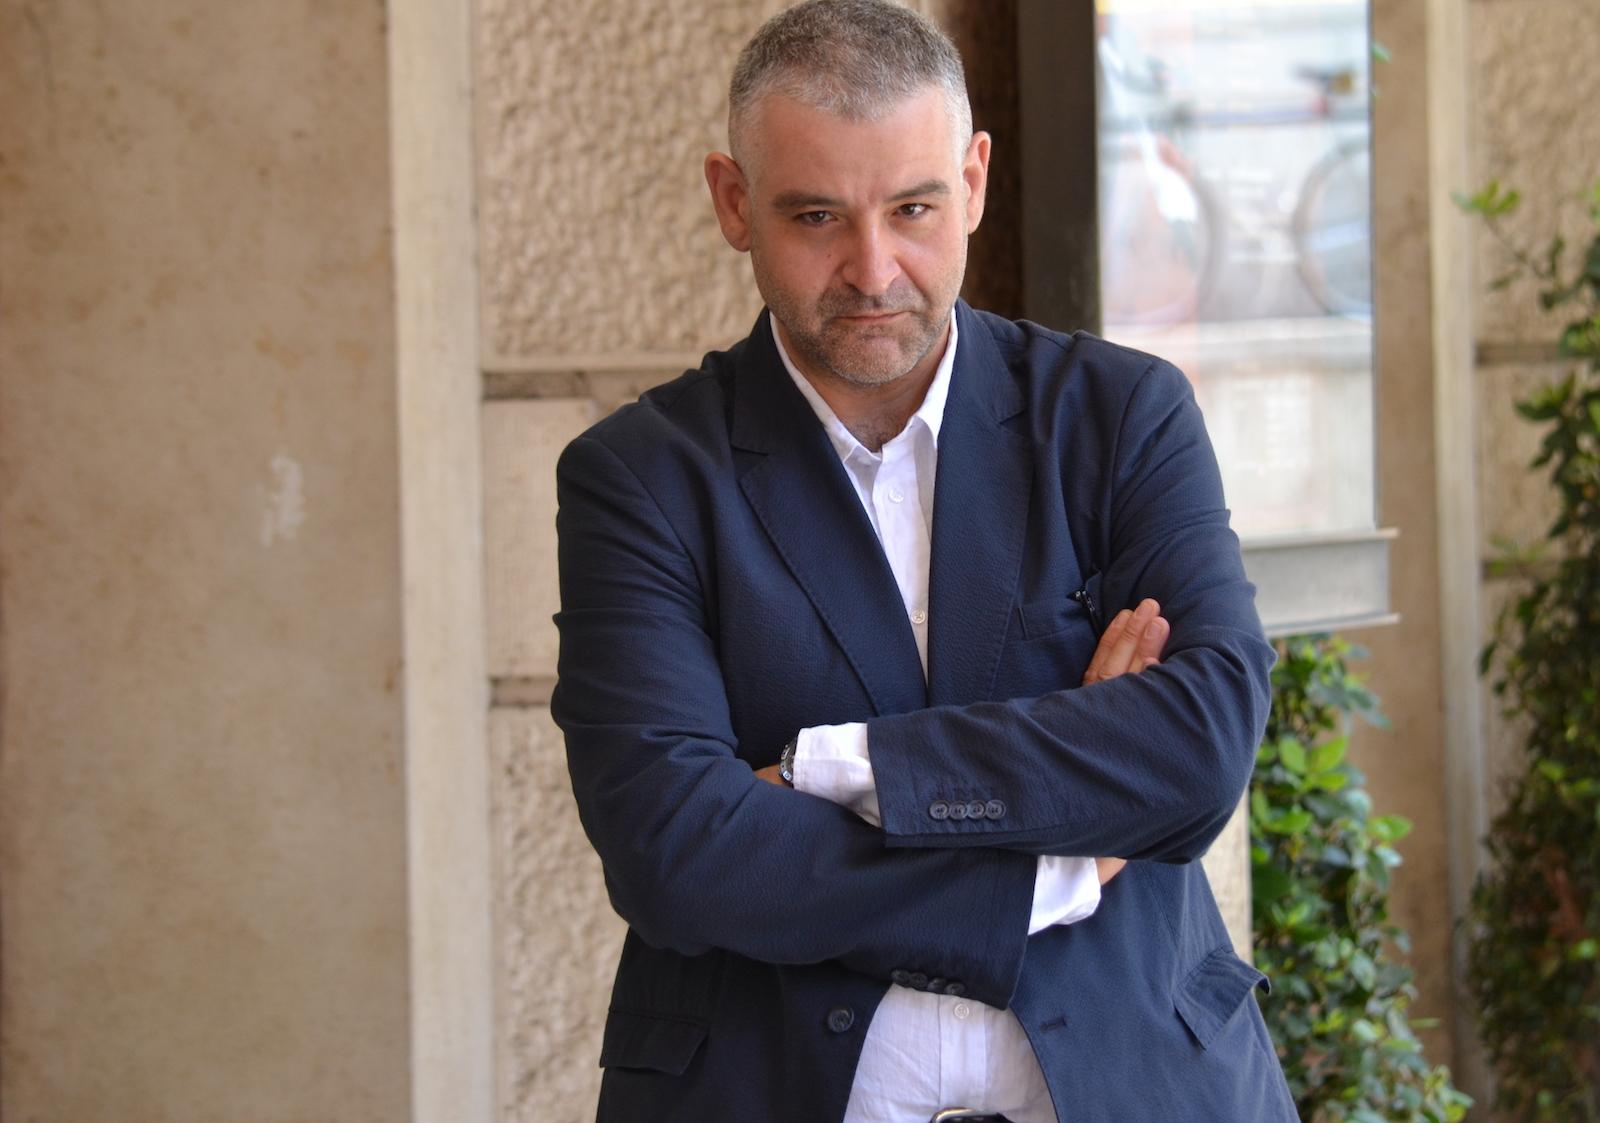 Gomorra seconda stagione: Fortunato Cellino posa per i fotografi